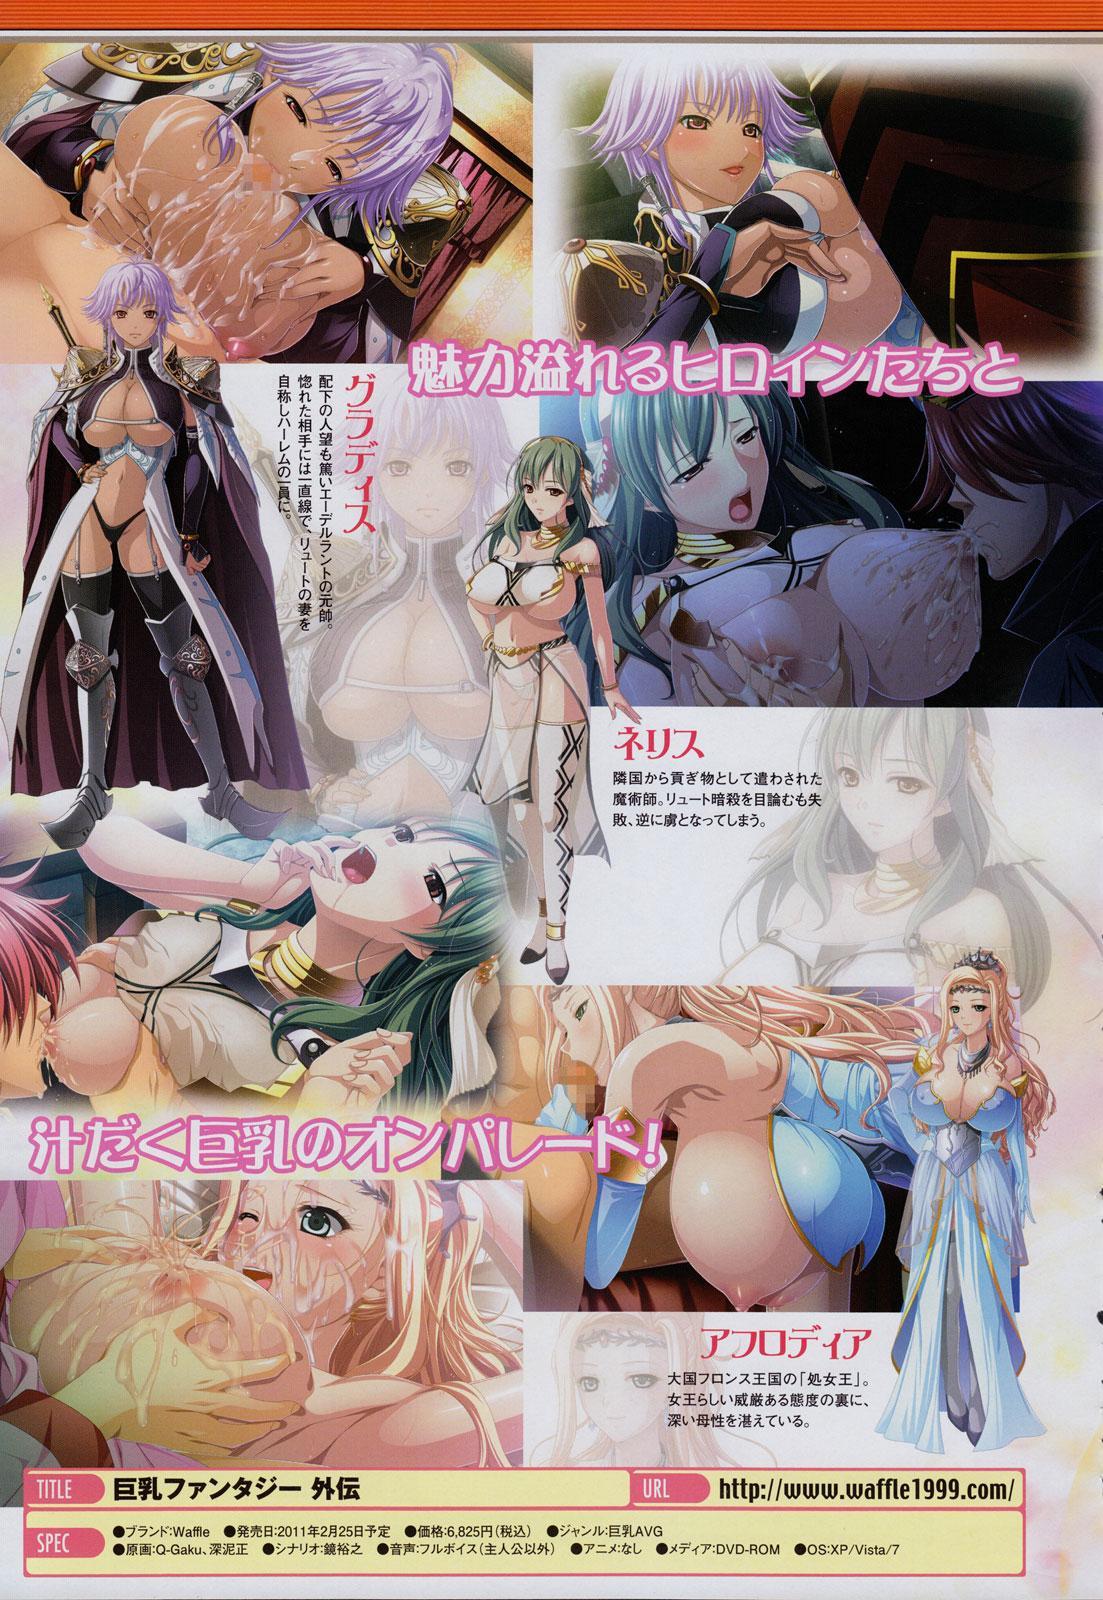 COMIC Unreal 2011-02 Vol. 29 + Mogudan Calendar 2011 34